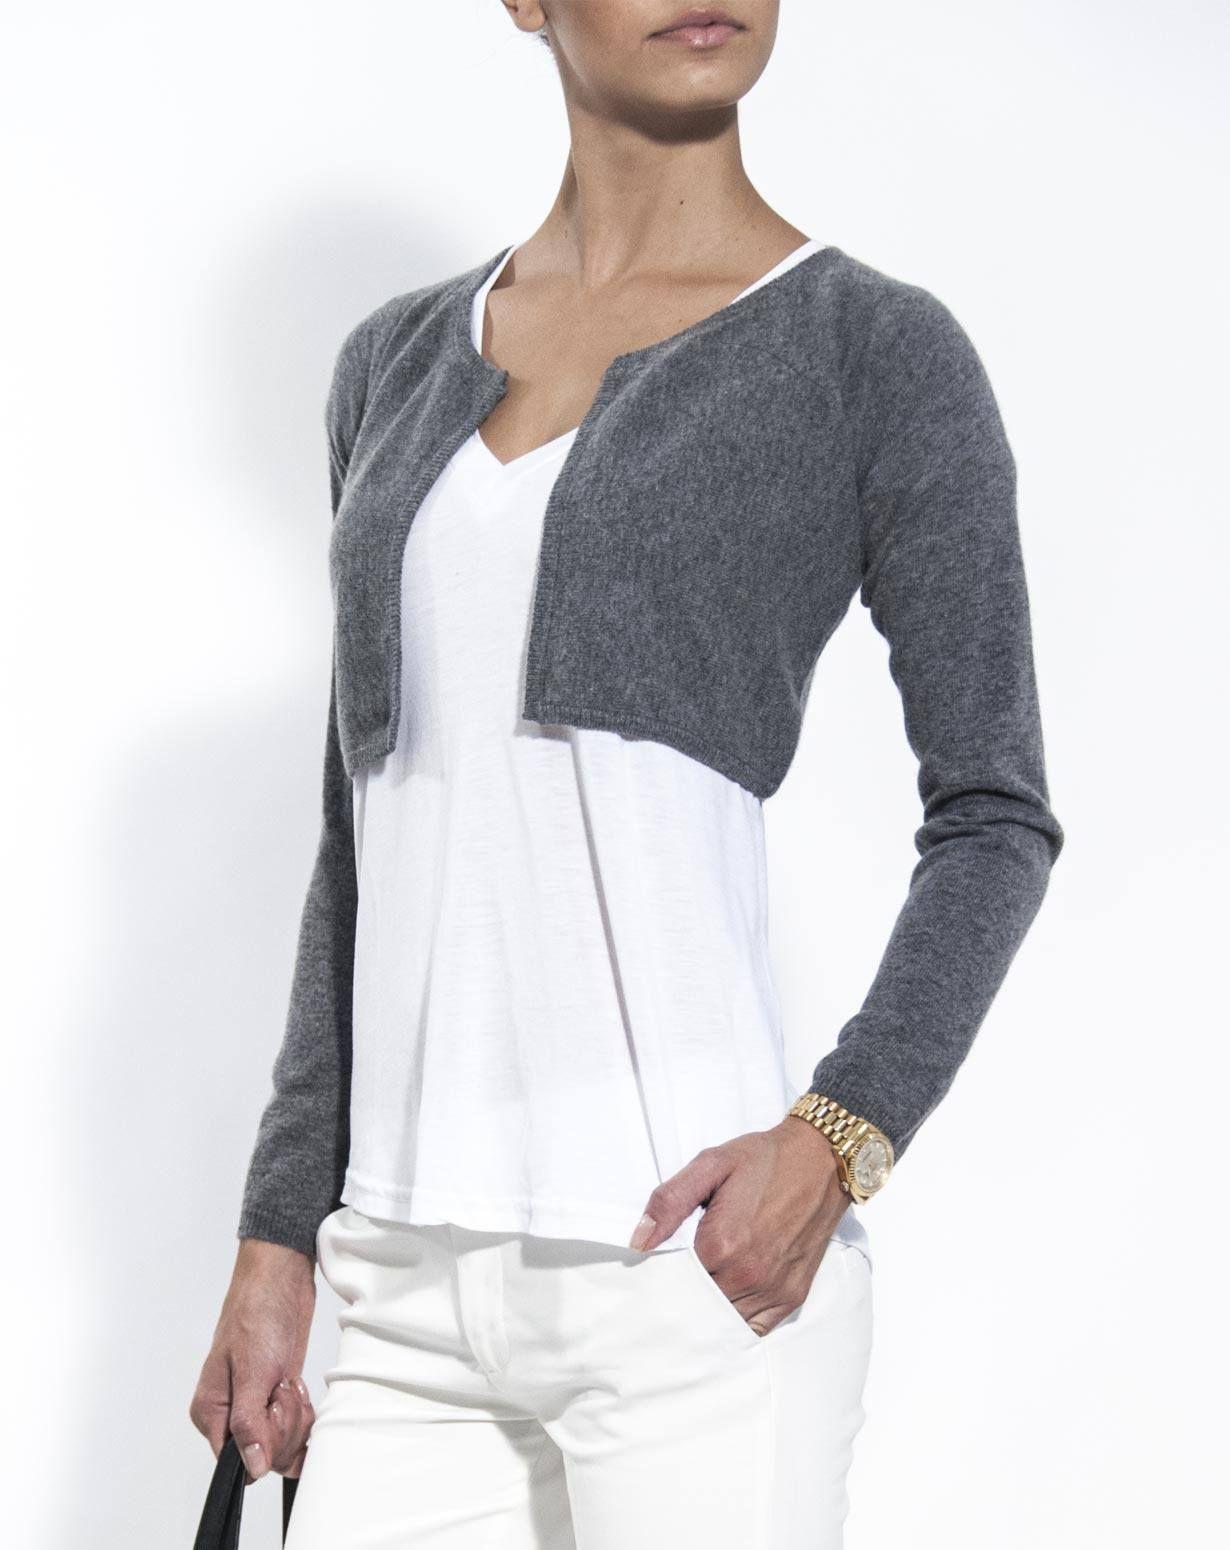 Women's Pure Cashmere Shrug Sweater #shrugsweater